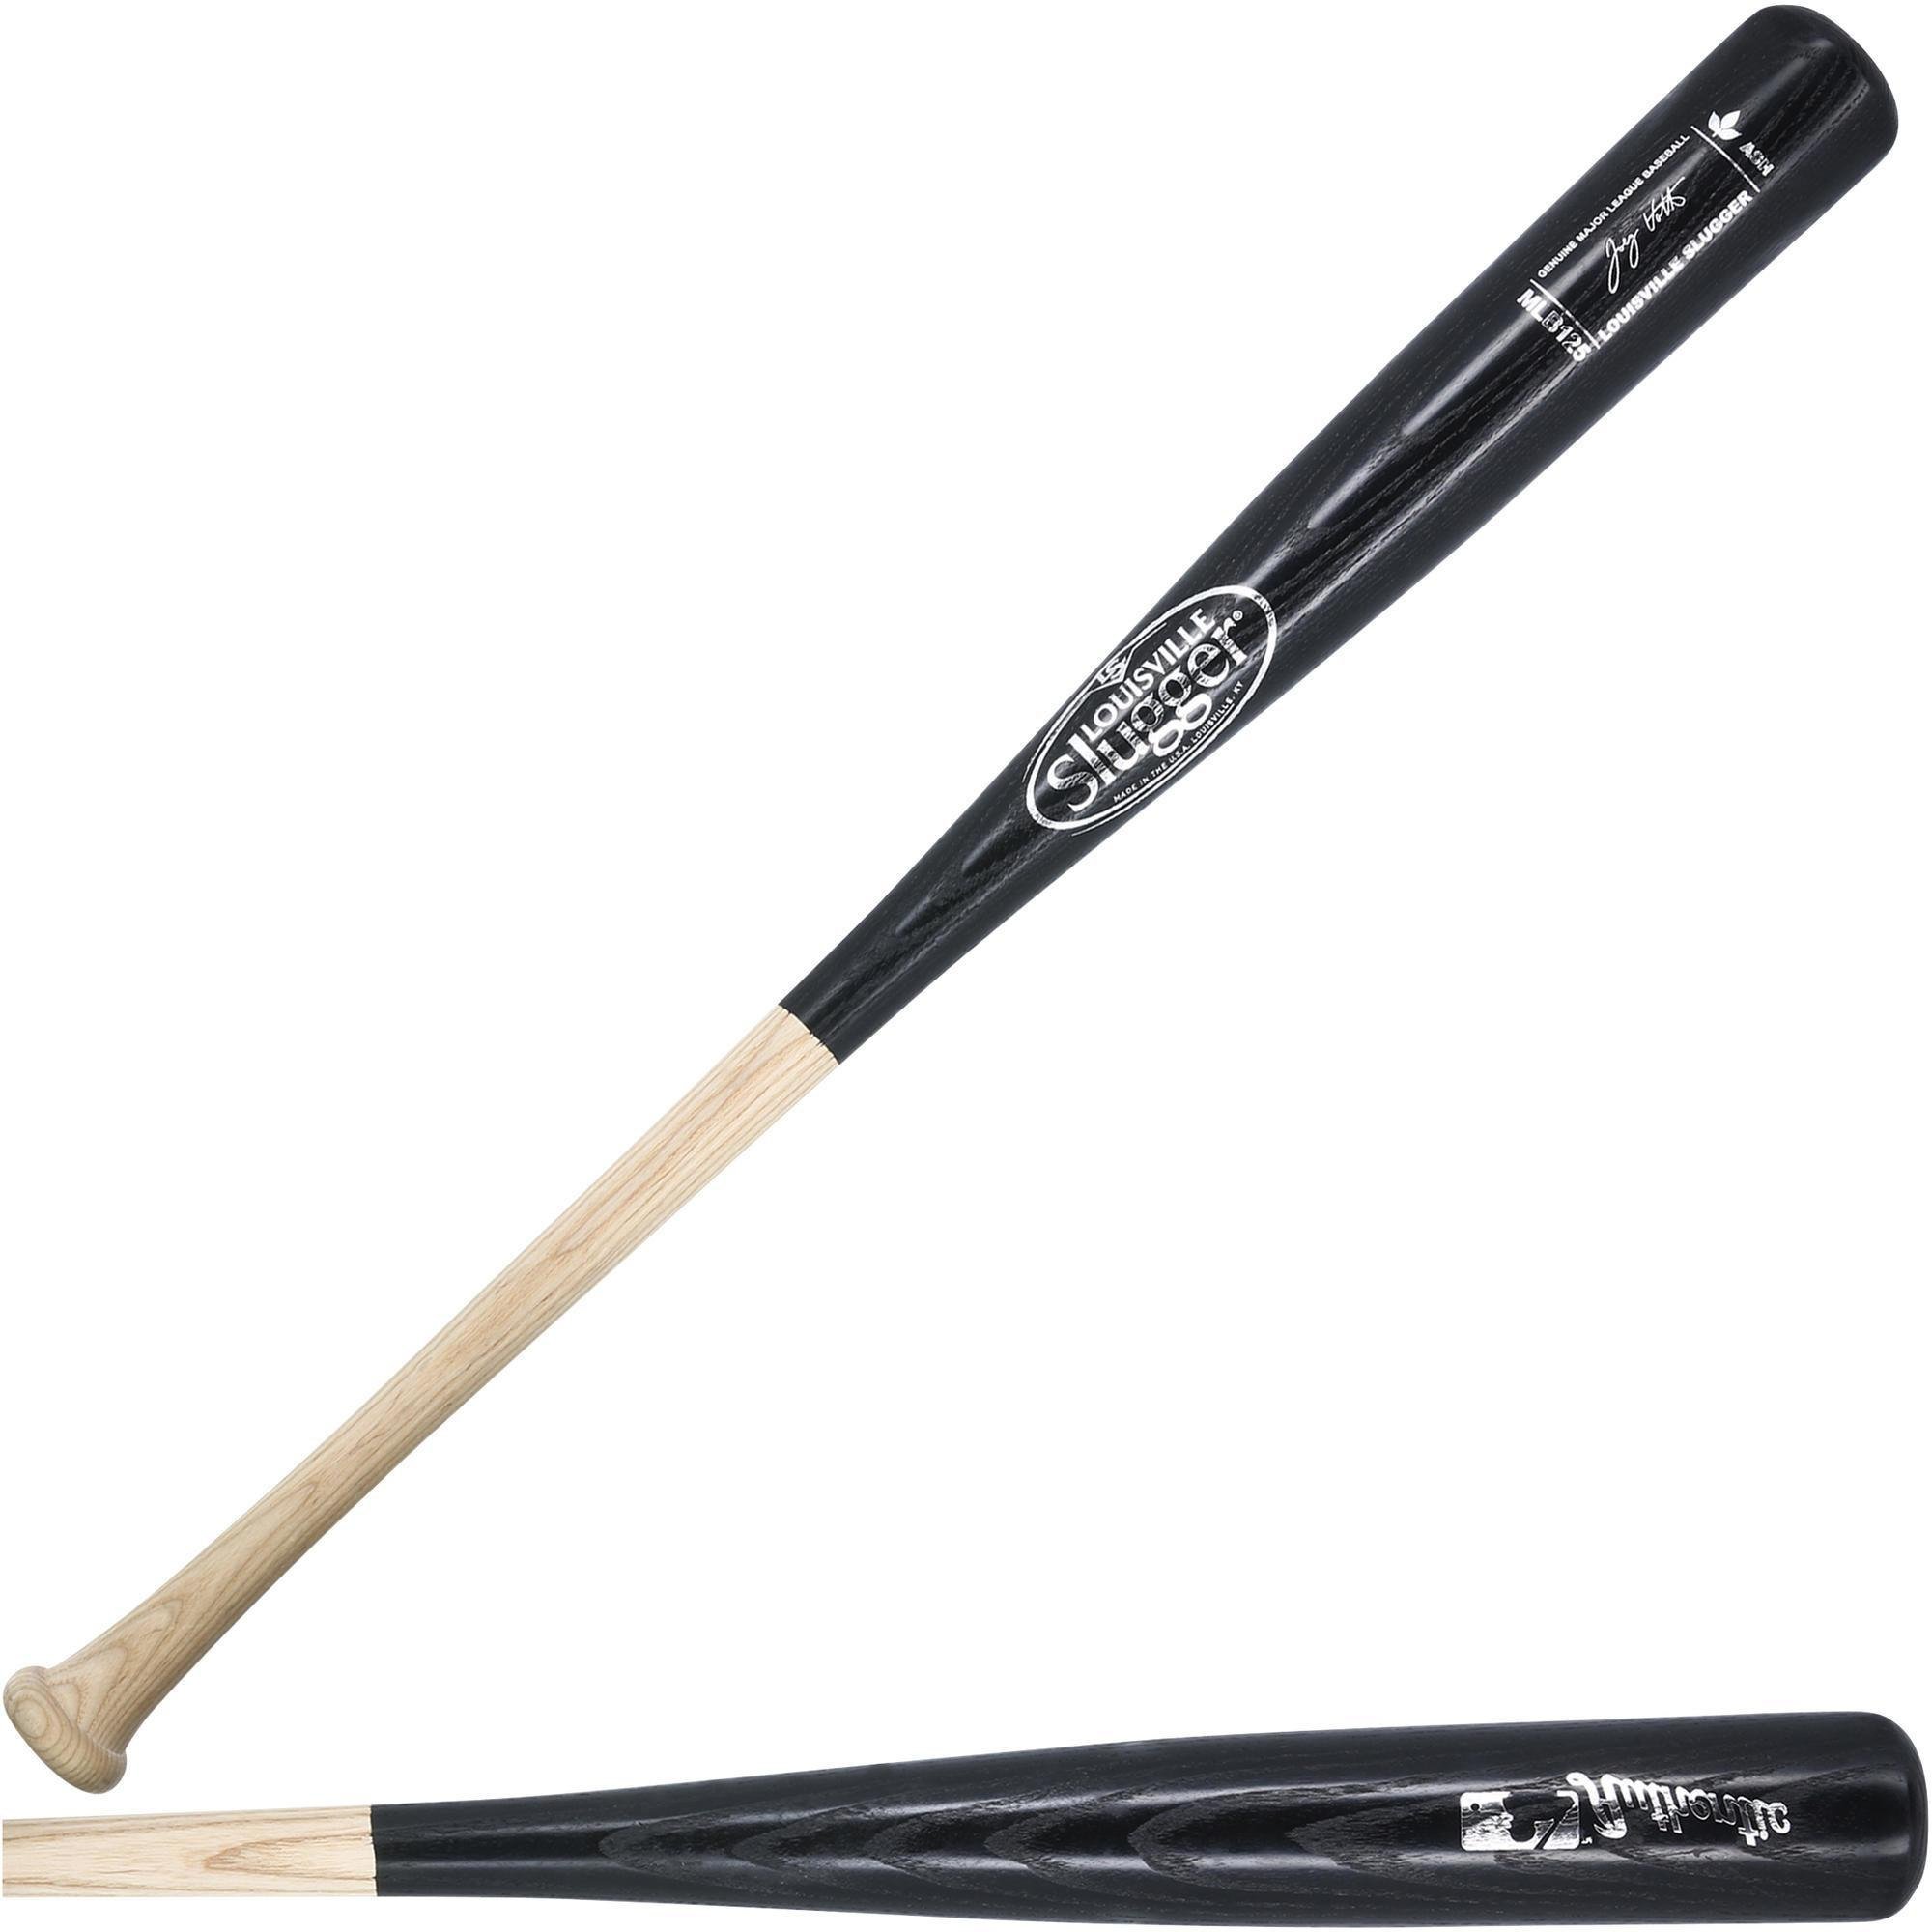 Comprar Pelotas y Bates de Beísbol y Softball  e0bbd6bf93939